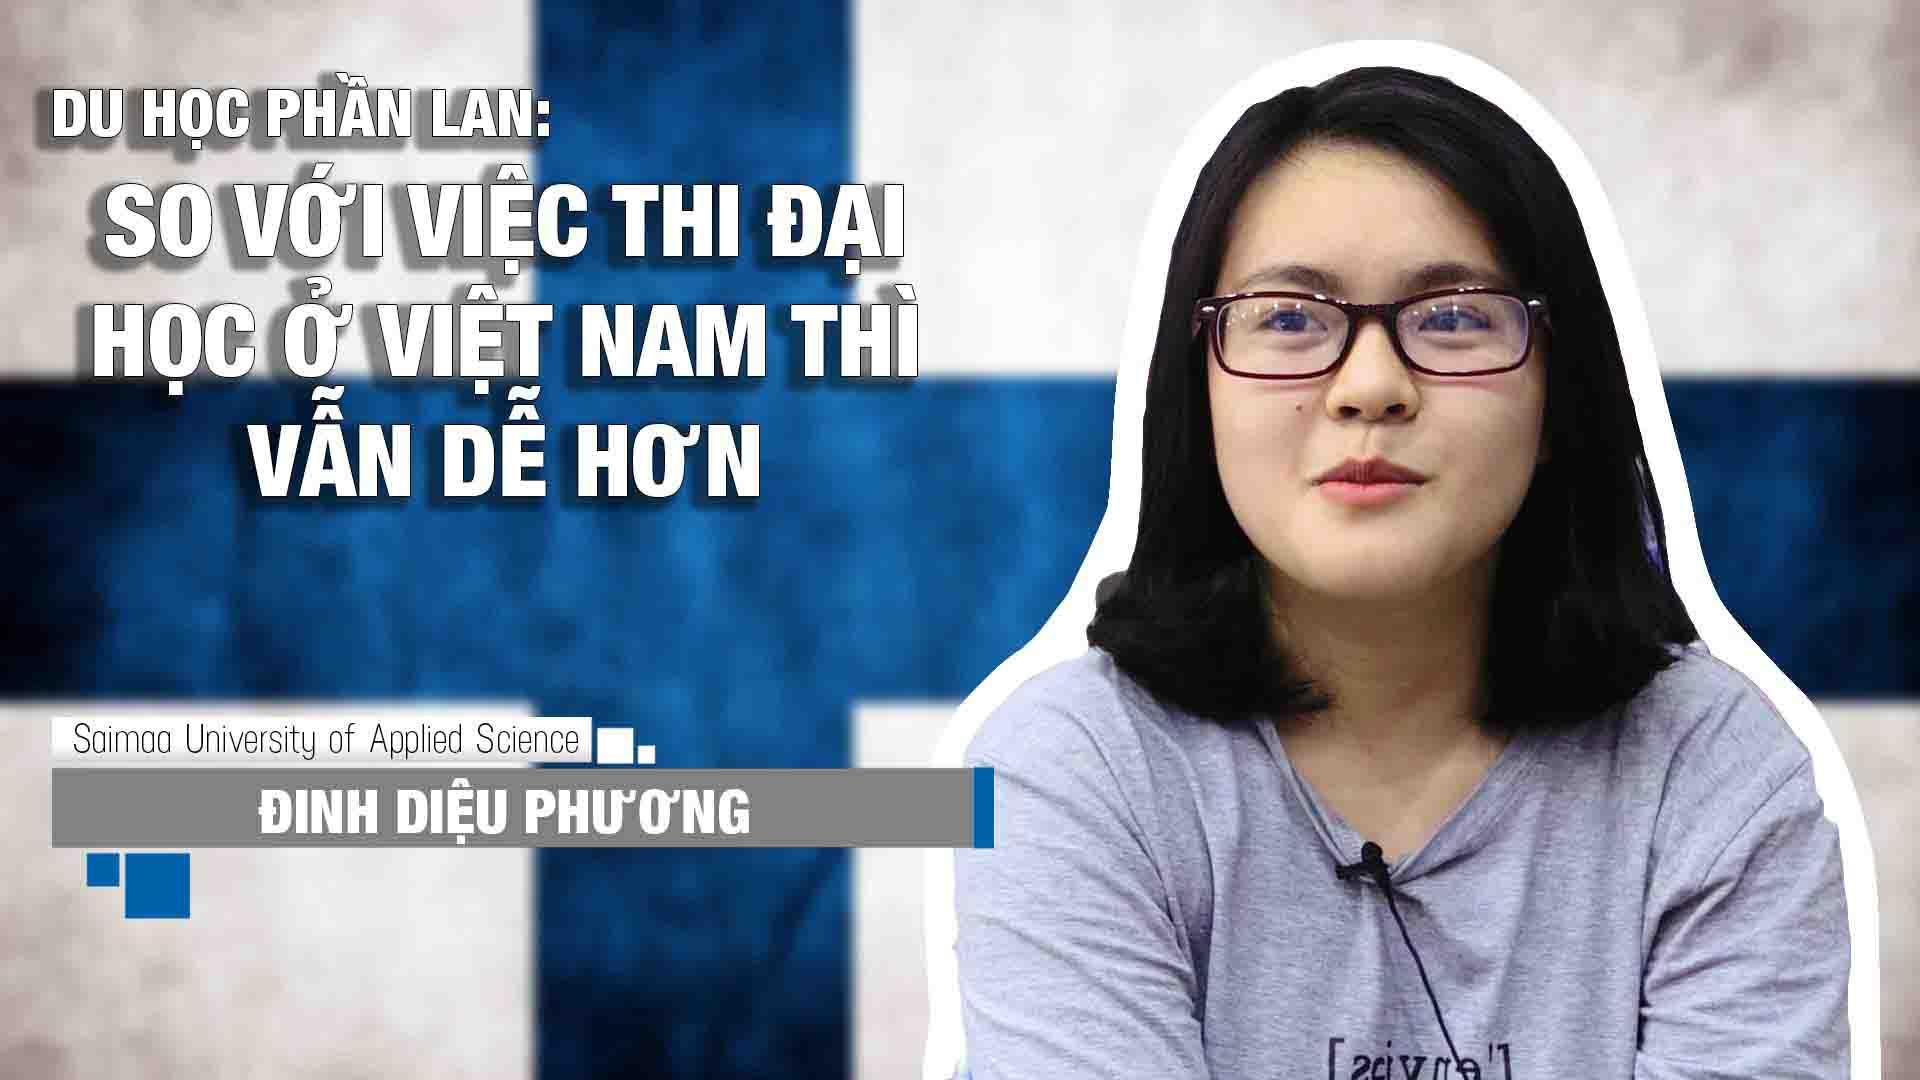 Như nhiều HSSV Việt Nam khác, Diệu Phương đã ấp ủ từ lâu dự định tham gia học tập tại nước ngoài vì tương lai rộng mở hơn. Sau một thời gian nỗ lực không ngừng nghỉ cùng với sự hỗ trợ tận tình của đội ngũ tư vấn viên chuyên nghiệp của INEC, em đã hoàn thành được ước mơ du học Phần Lan của bản thân.